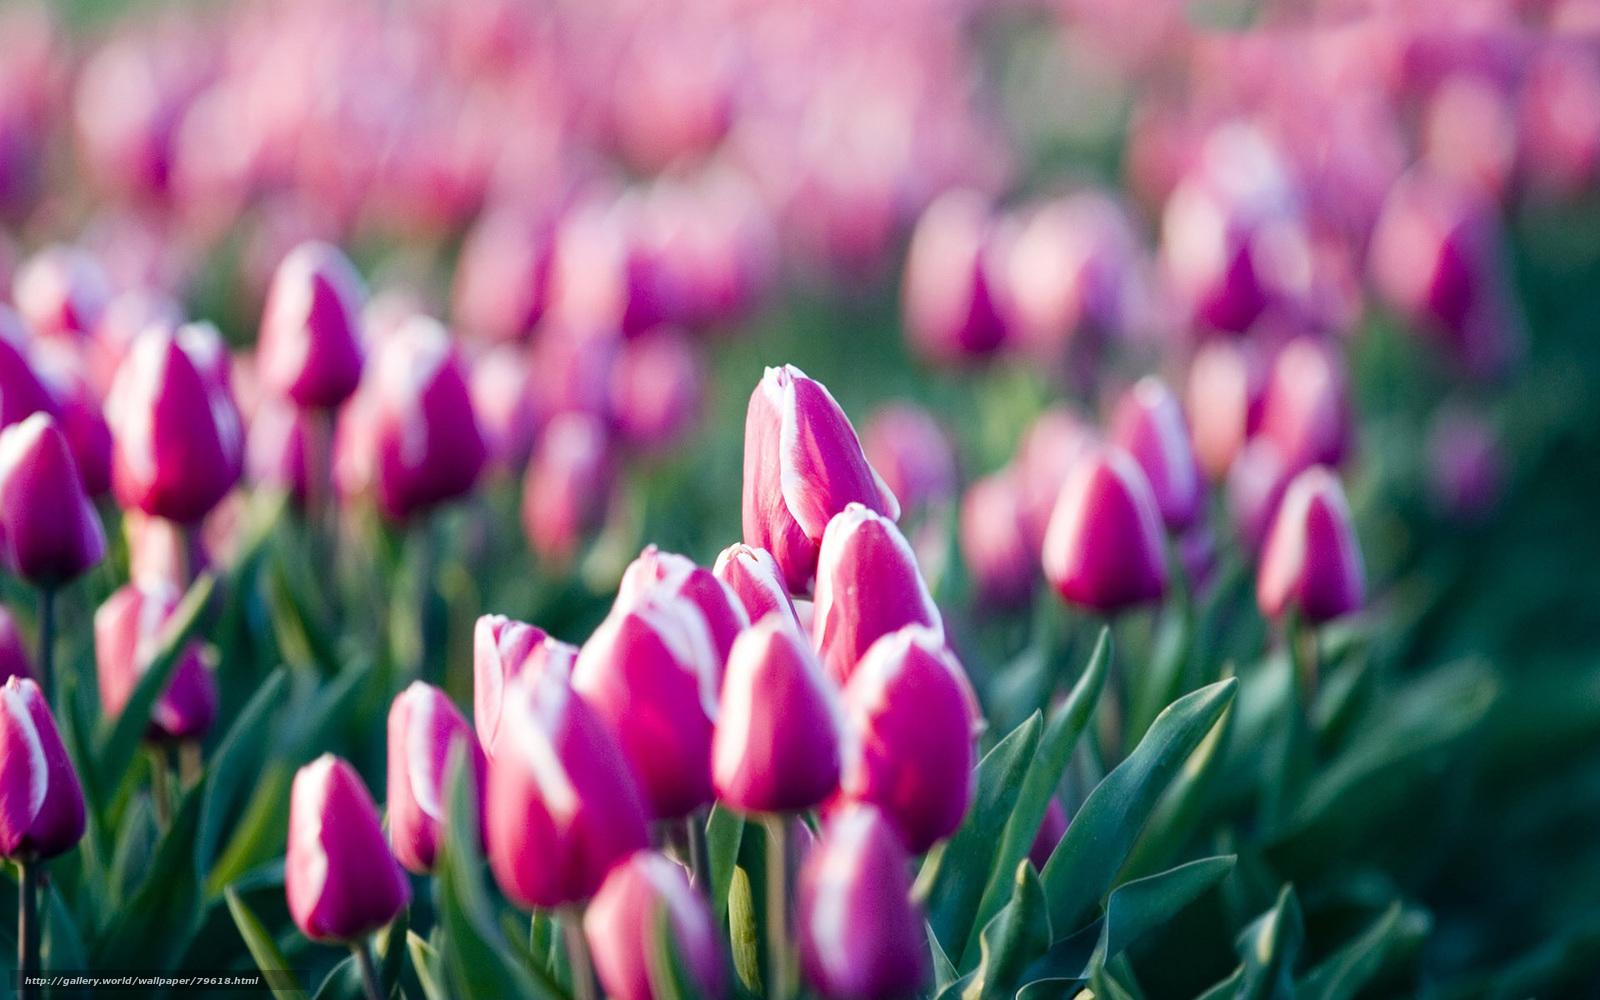 Scaricare Gli Sfondi Tulipani Fiori Campo Di Fiori Rosa Sfondi